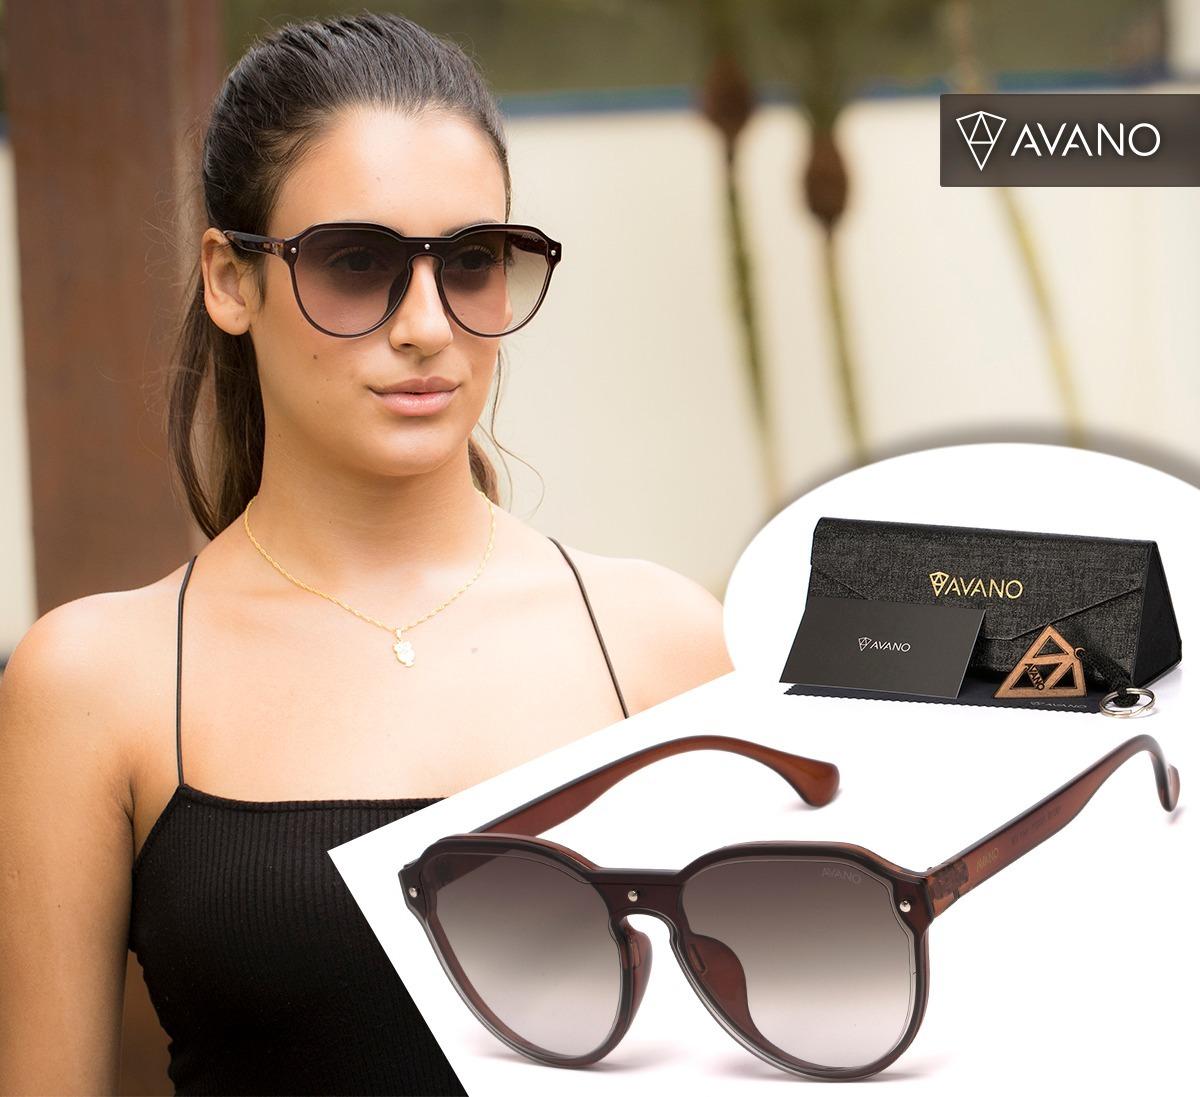 efc5ea661eb83 Oculos Solar Avano Feminino Av 418-c Proteção Uv400 + Brinde - R  80 ...